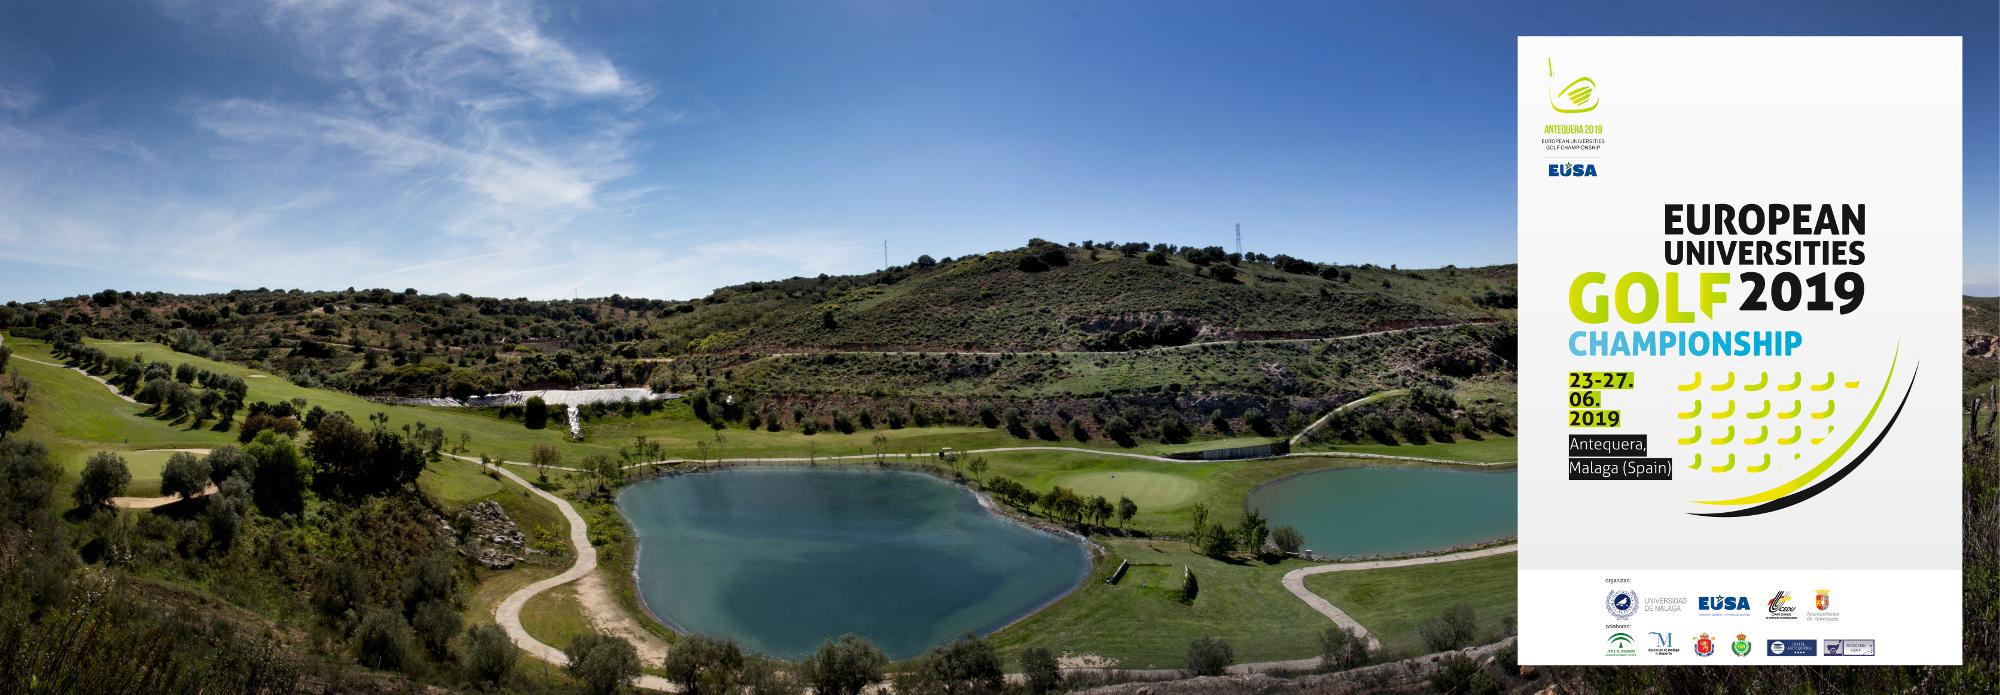 panorámica con dos lagos en antequera golf